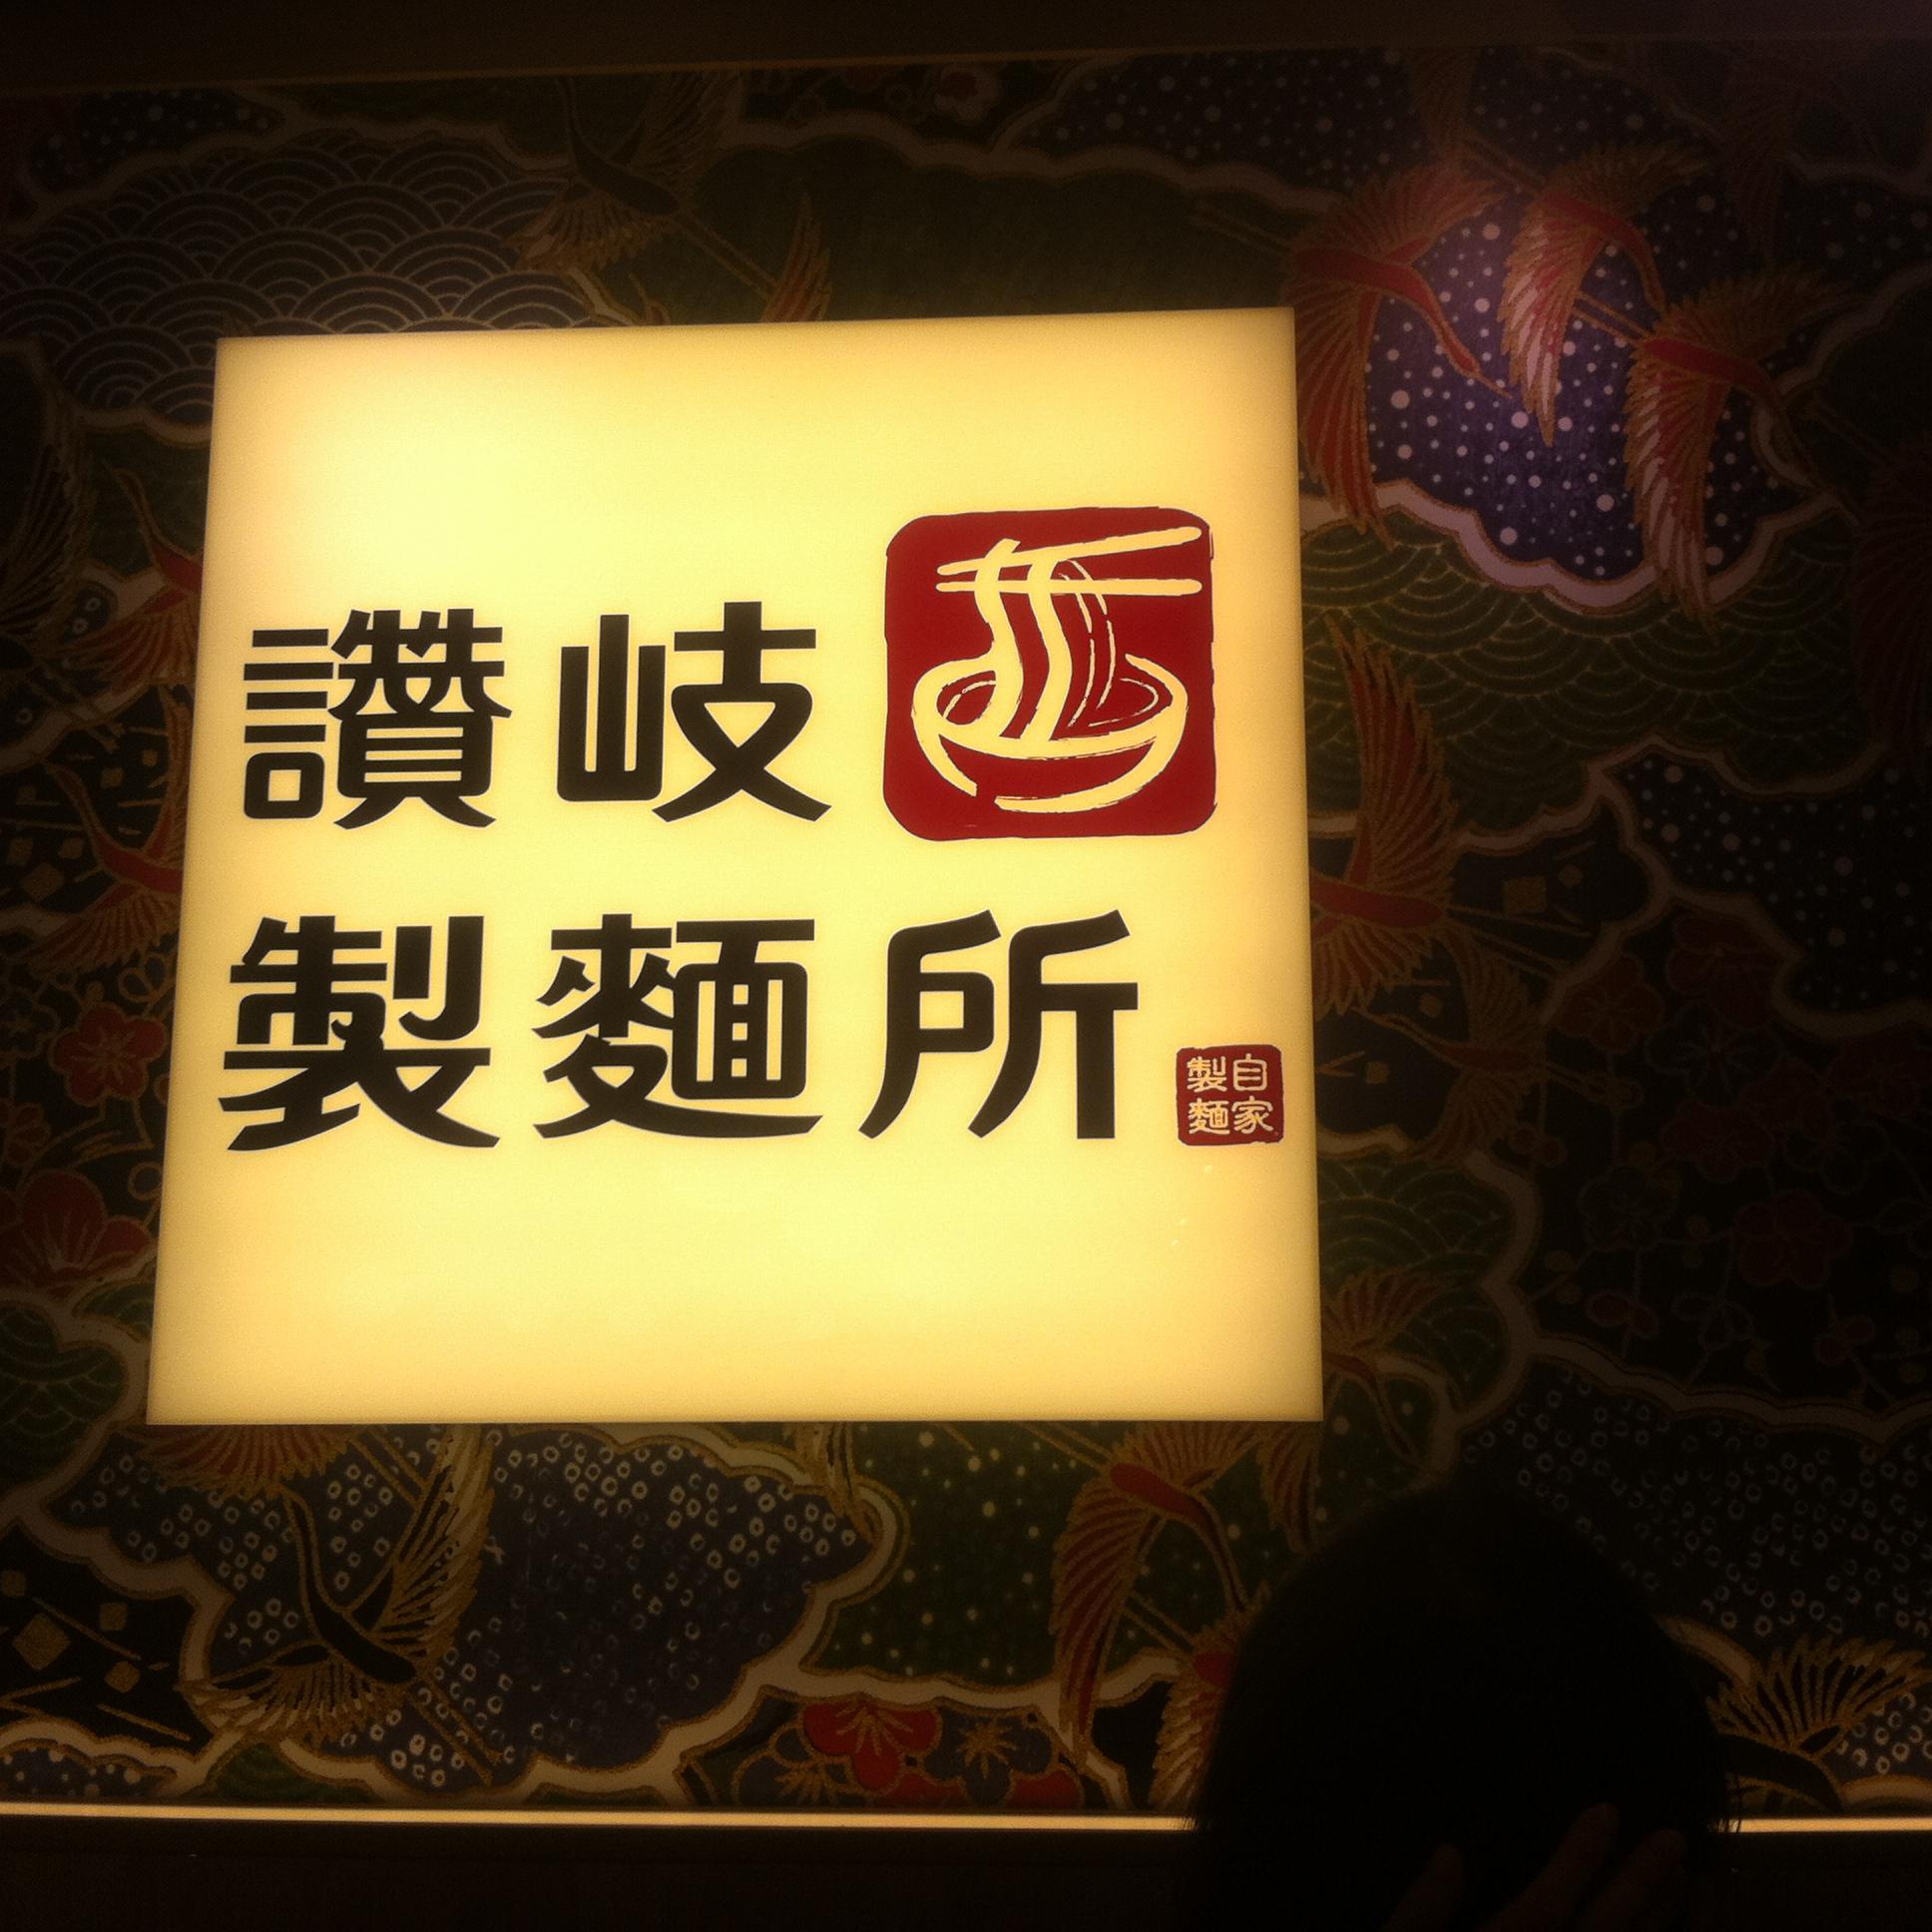 【グルメ】讃岐製麺所で明太子丼を食べる